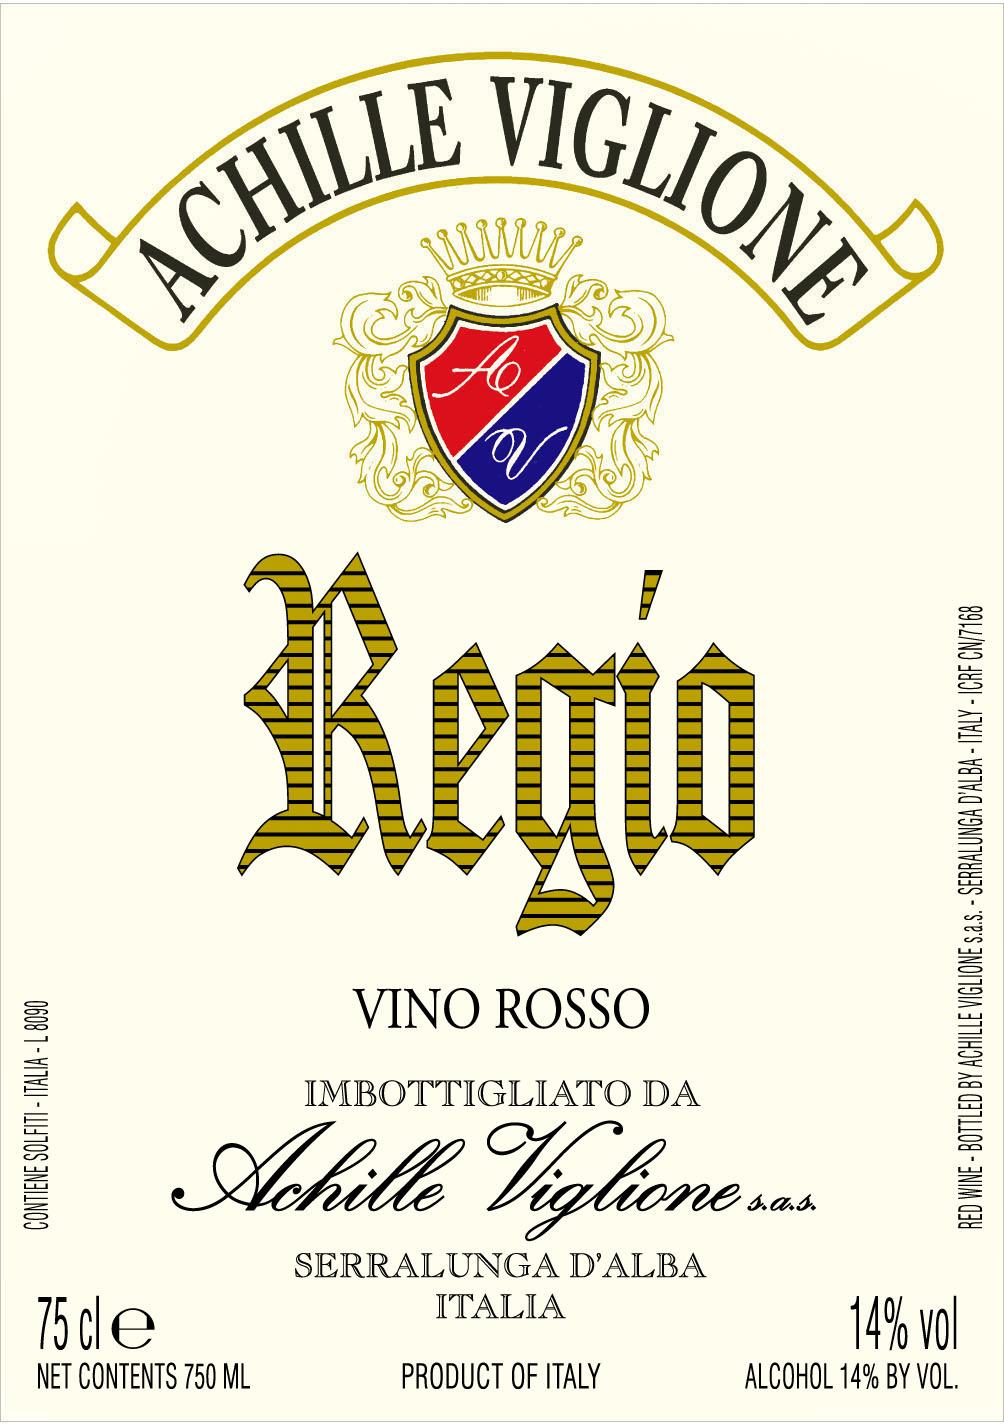 Etichetta vino rosso Regio Achille Viglione